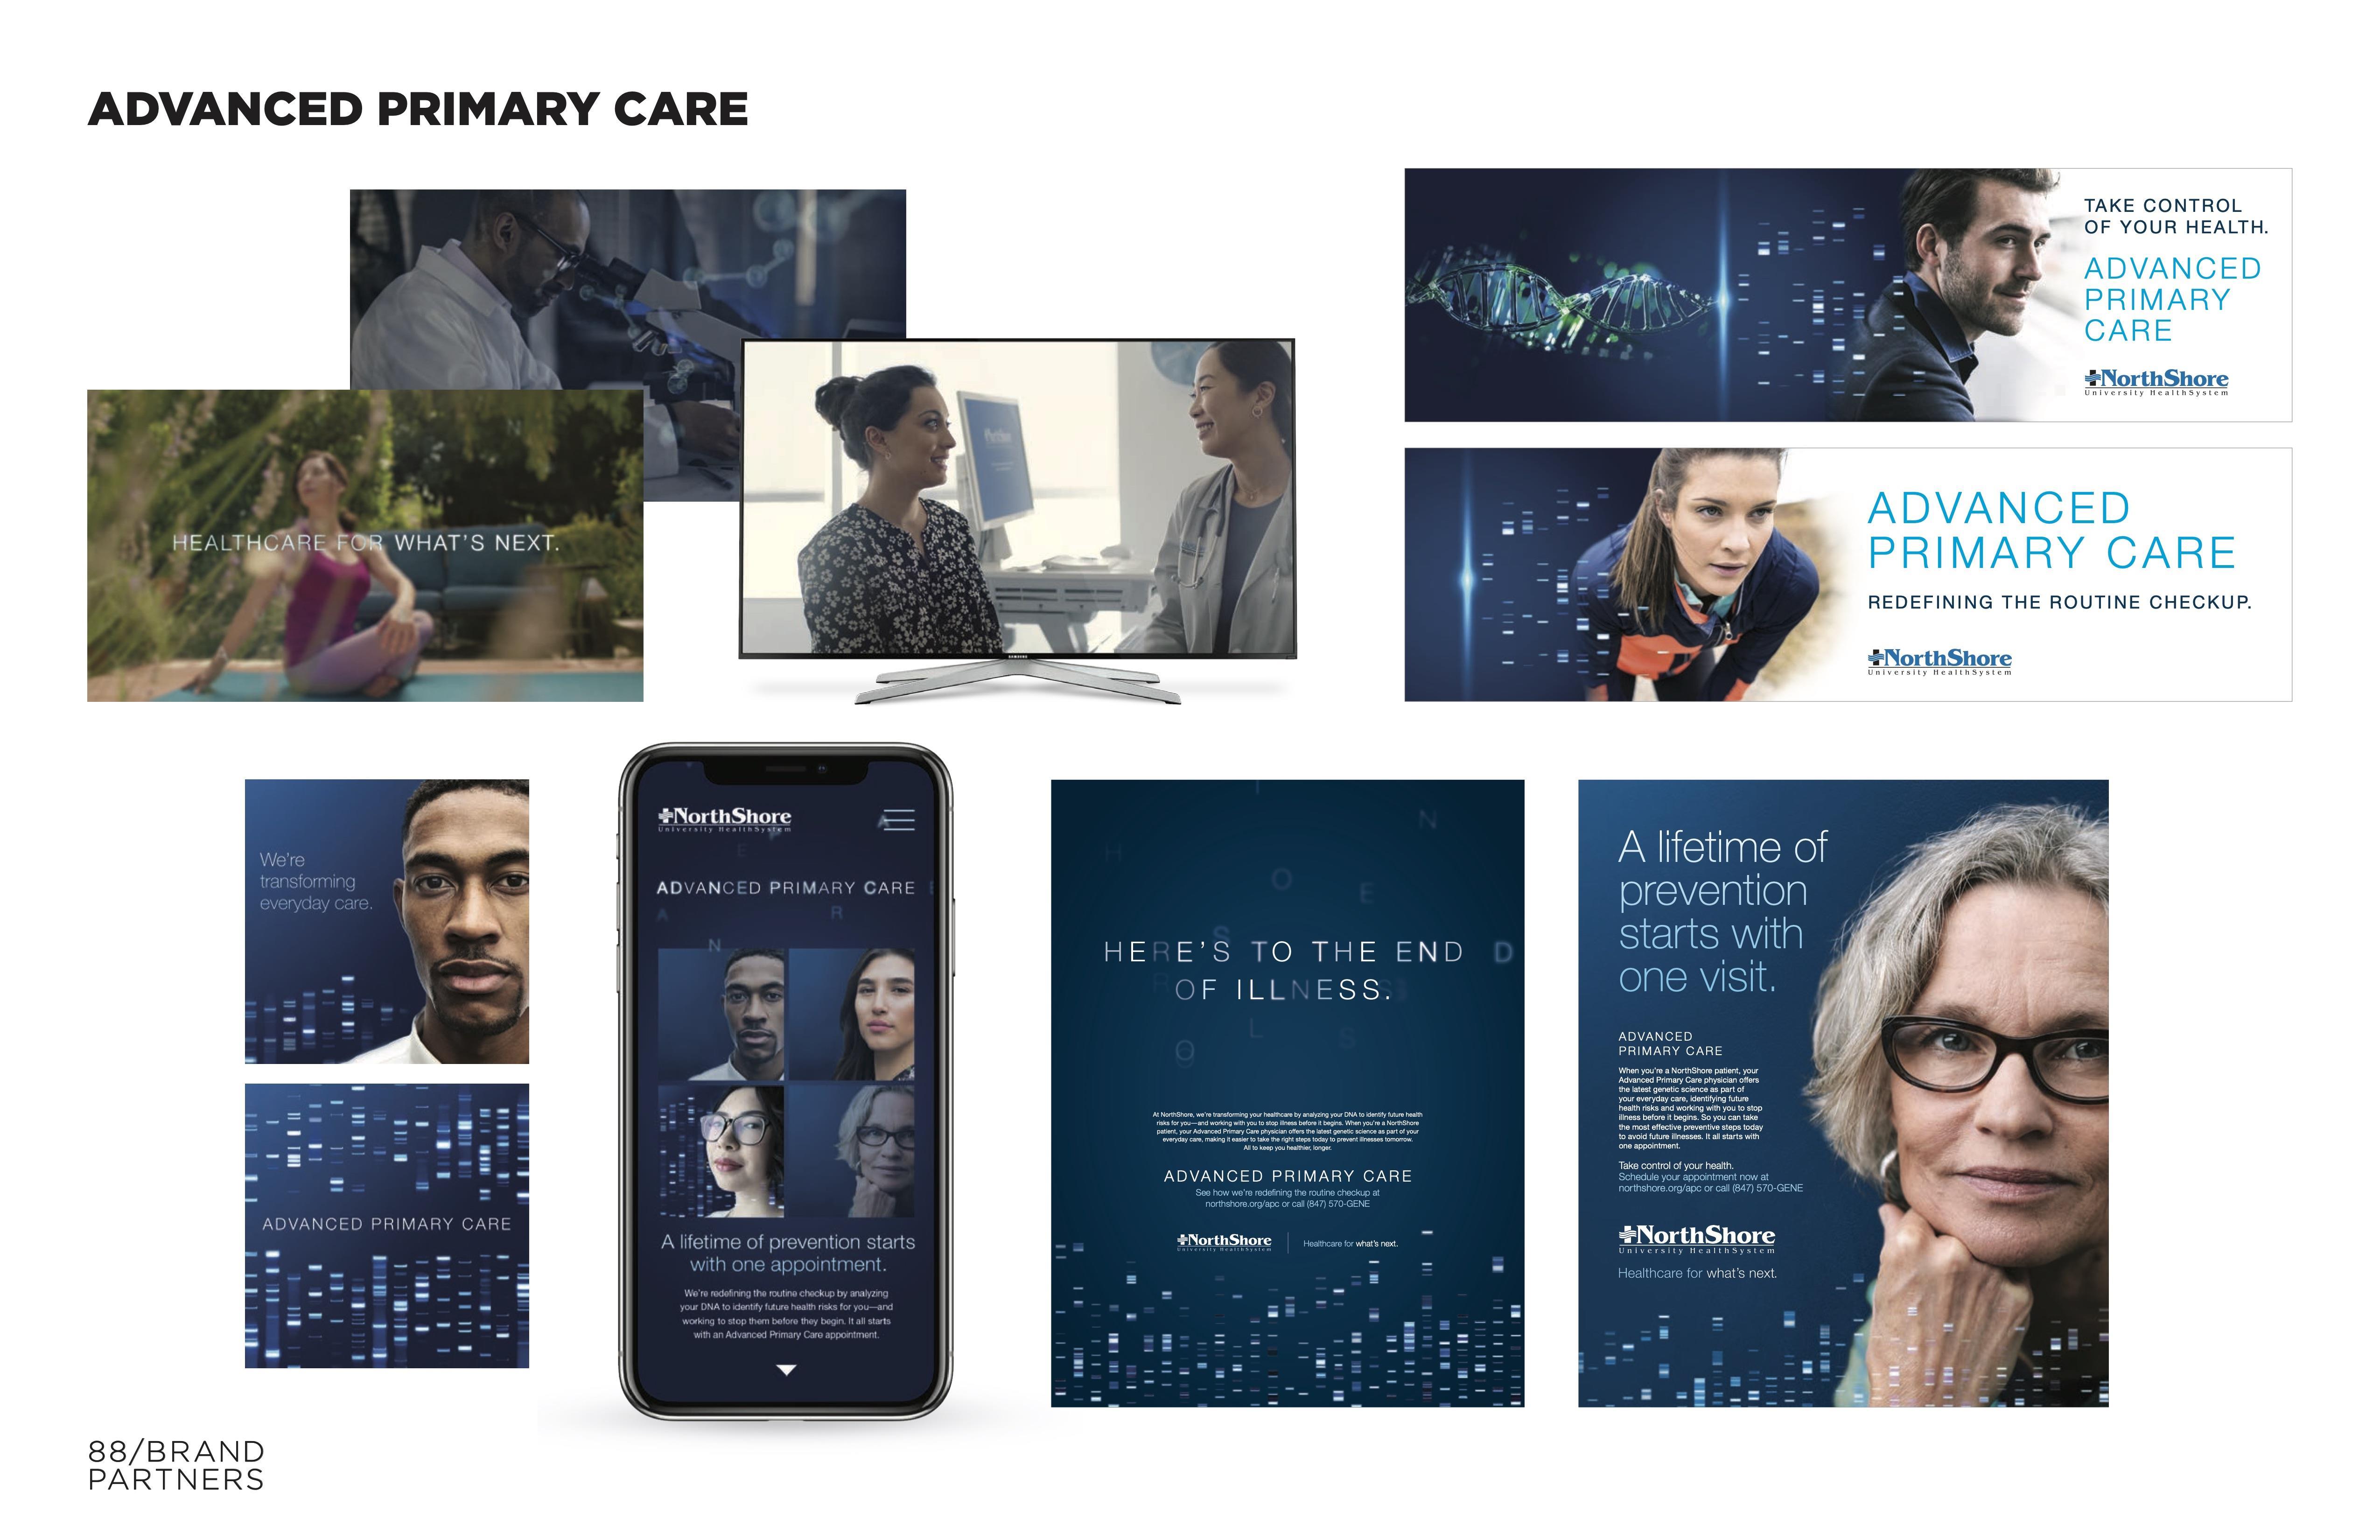 NorthShore Advanced Primary Care Campaign